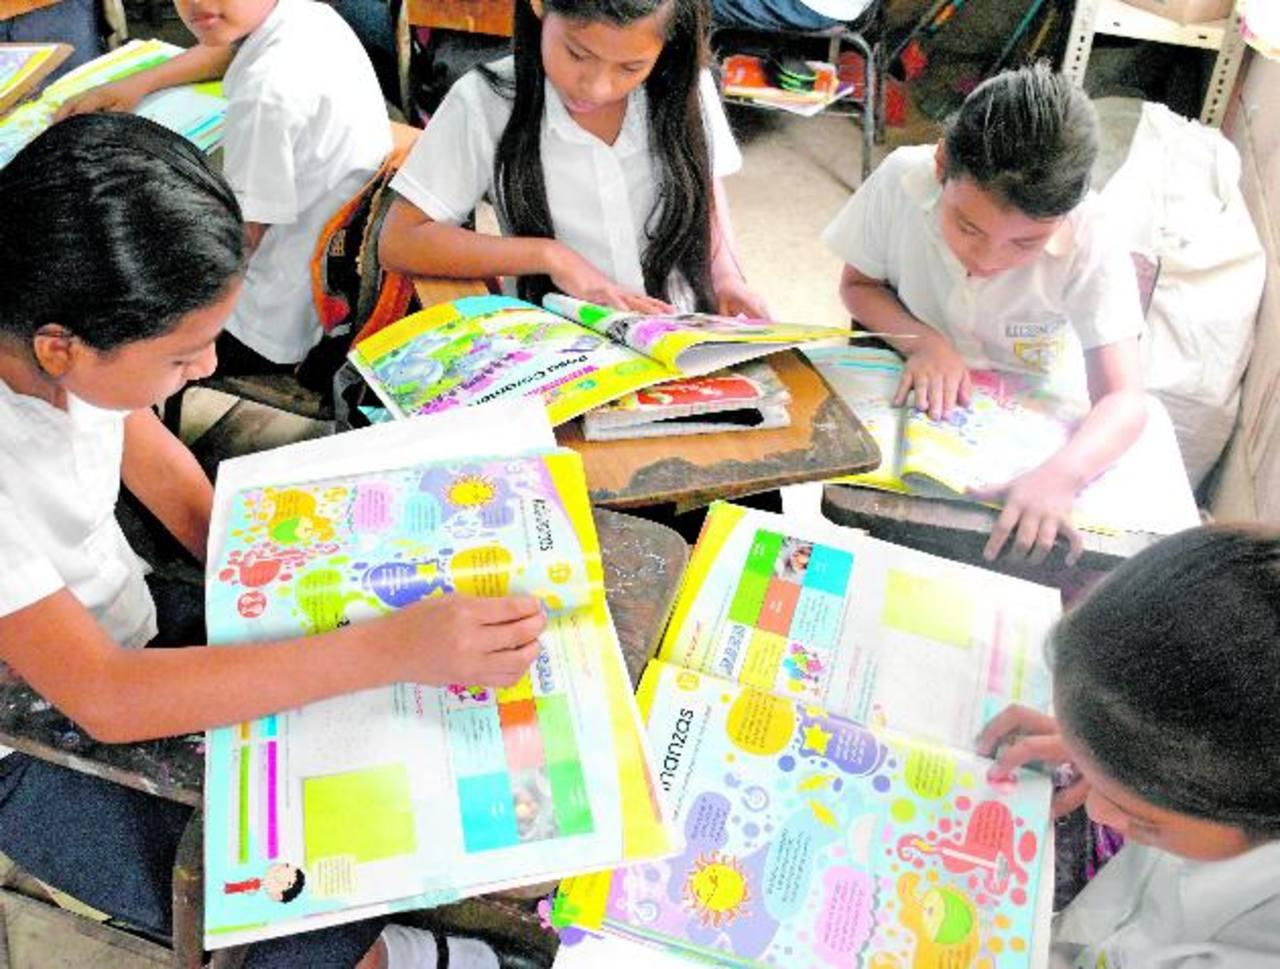 Docente del Centro Escolar Caserío el Golondrino, Cantón Sacramento, San Francisco Menéndez, Ahuachapán: Foto EDH/ Omar Martínez